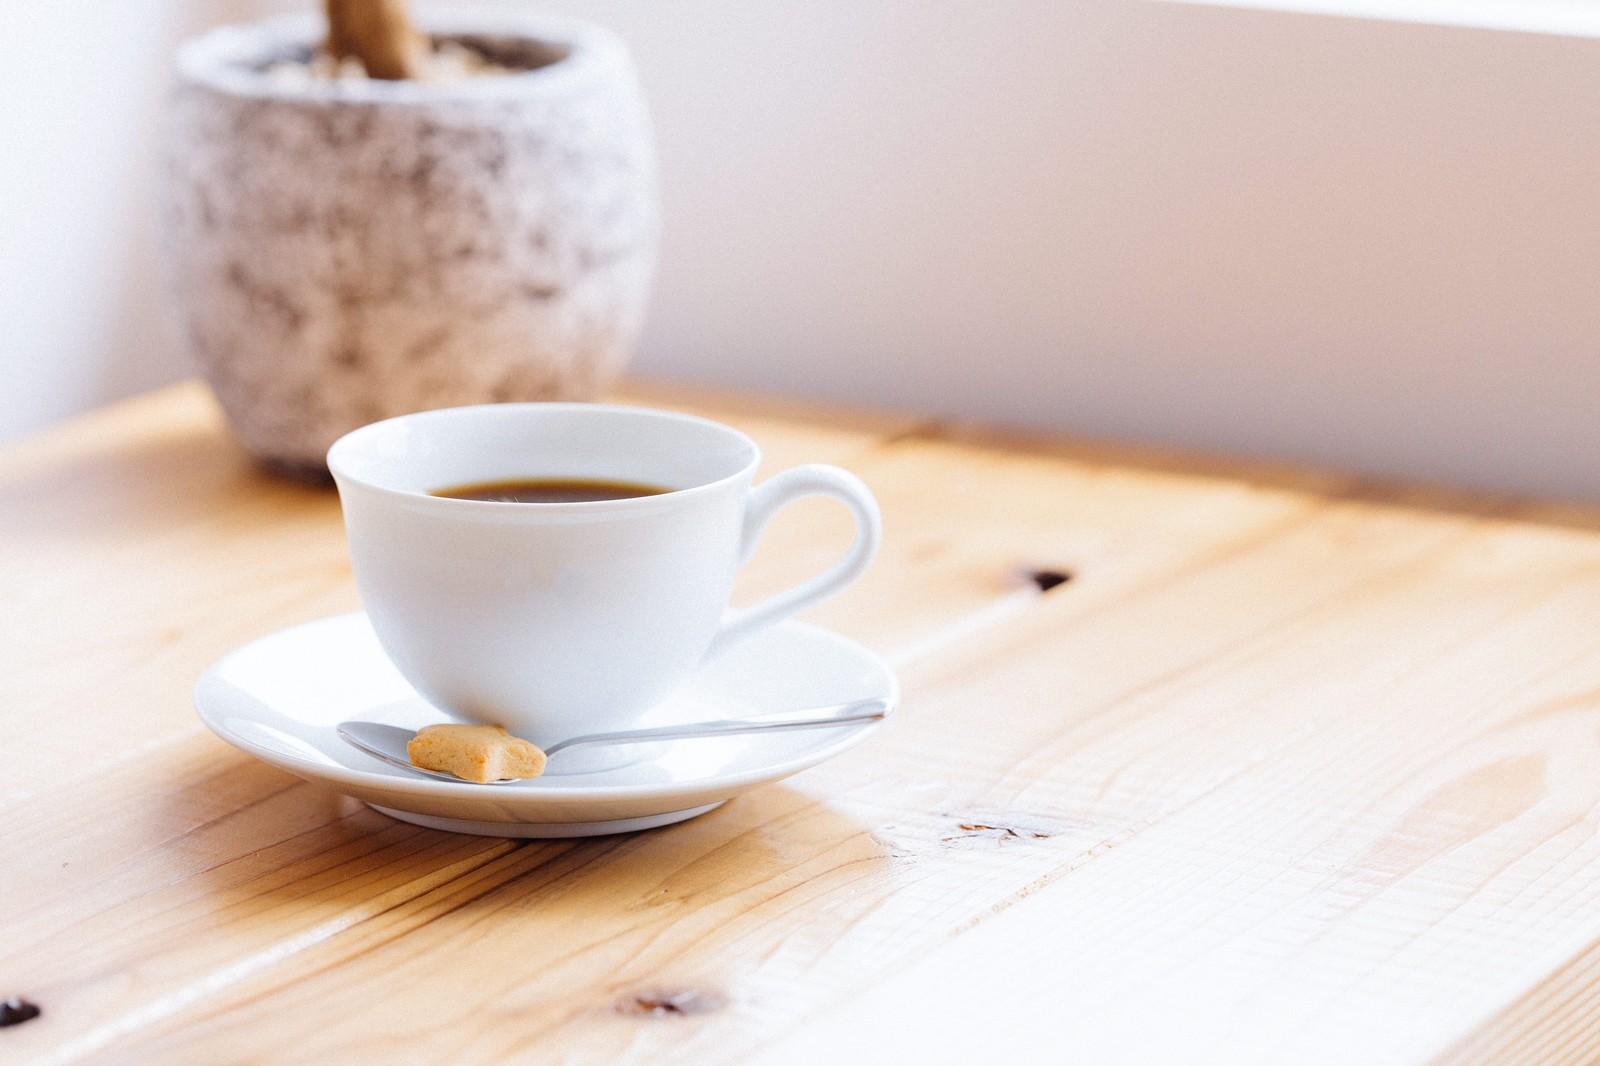 亀岡のおすすめカフェ9選!ランチやスイーツがおいしい人気店をご紹介!